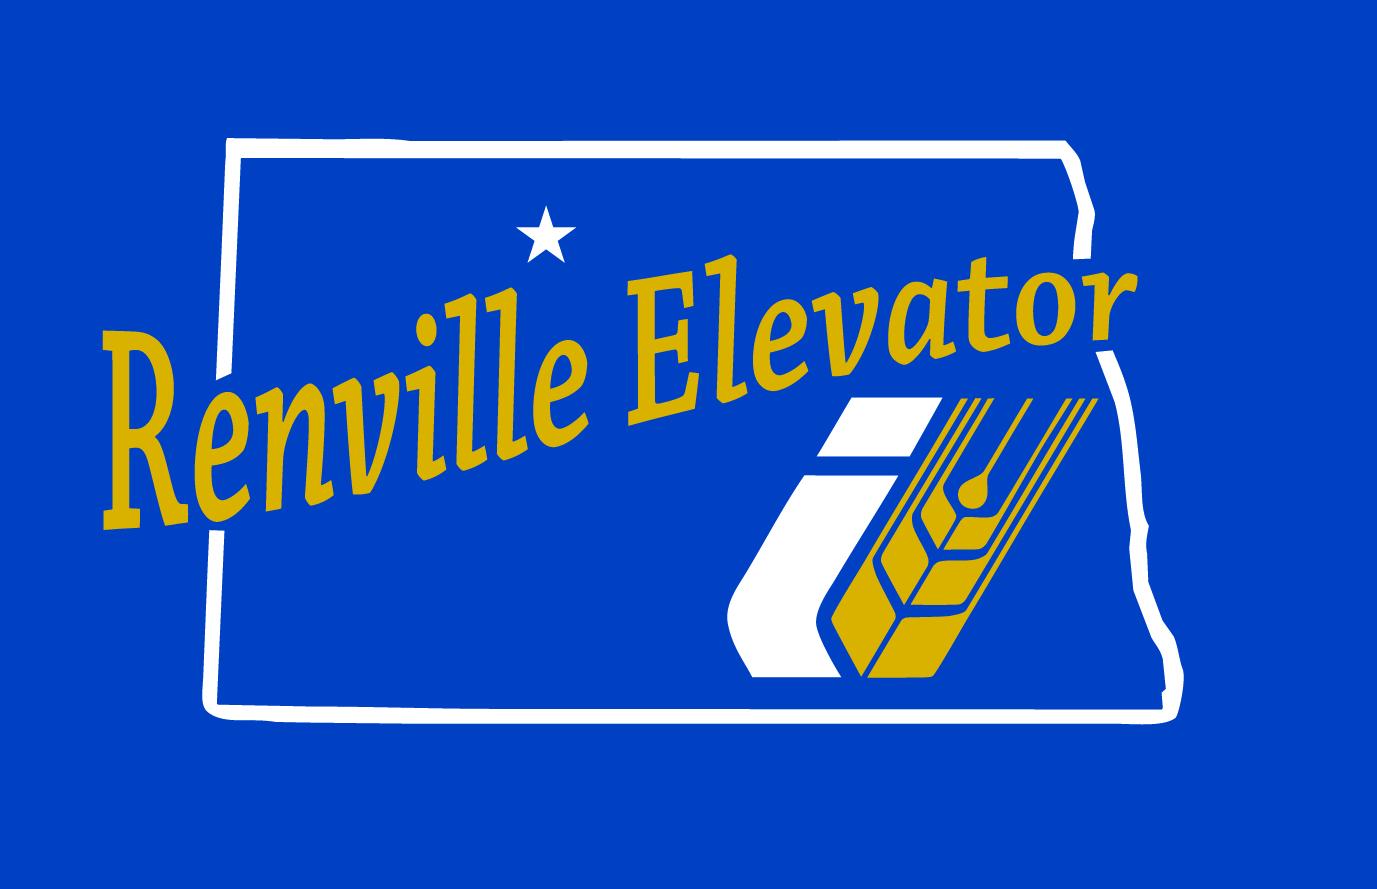 Renville Elevator